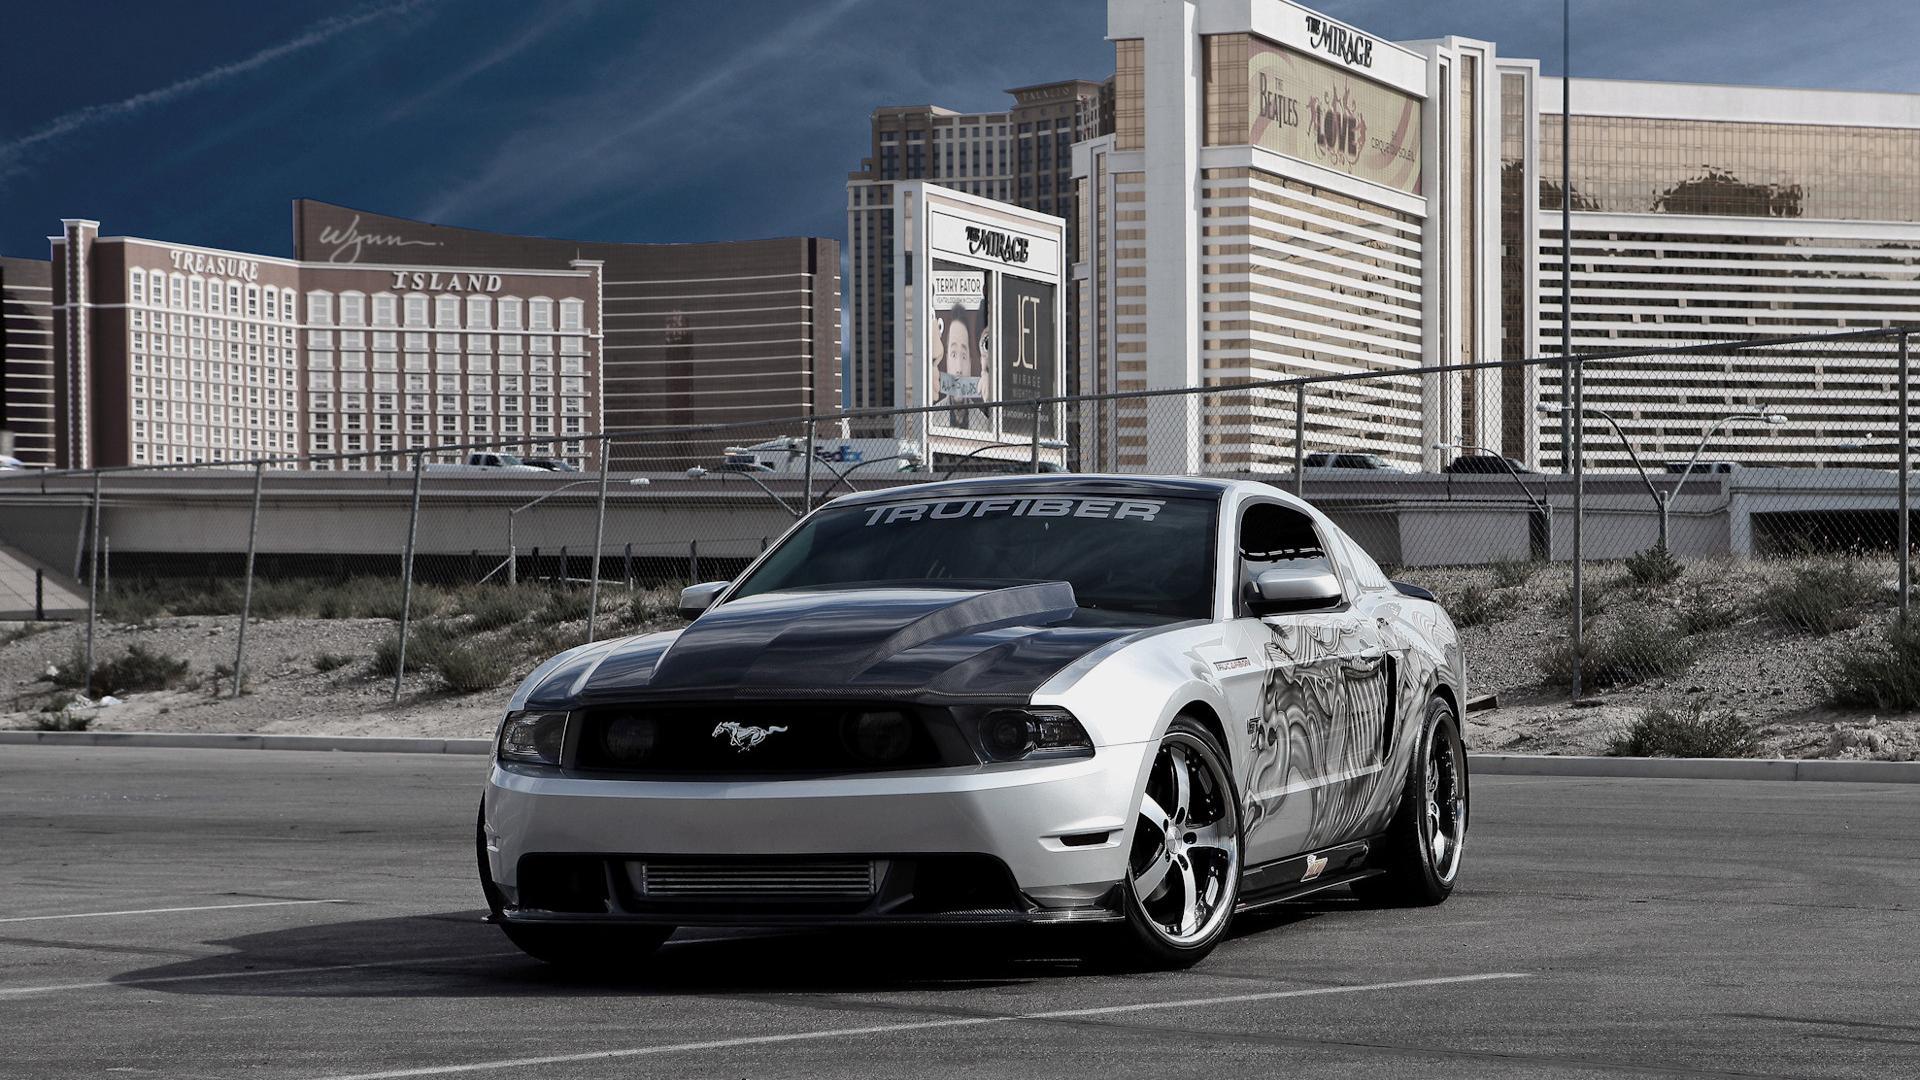 Mustang здания автомобили машины авто